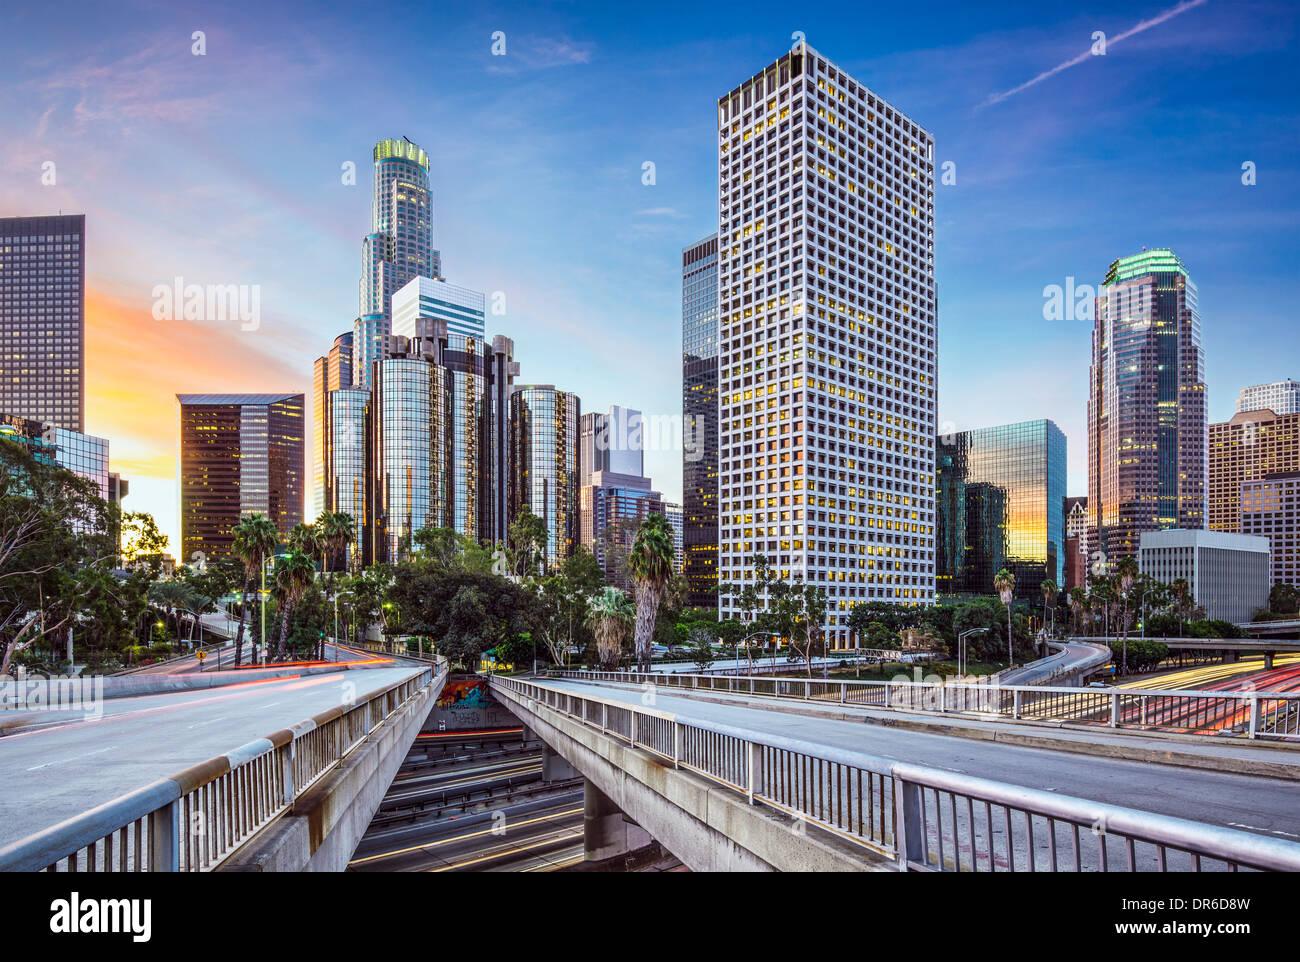 Los Angeles, Californie, USA tôt le matin, le centre-ville de la ville. Photo Stock